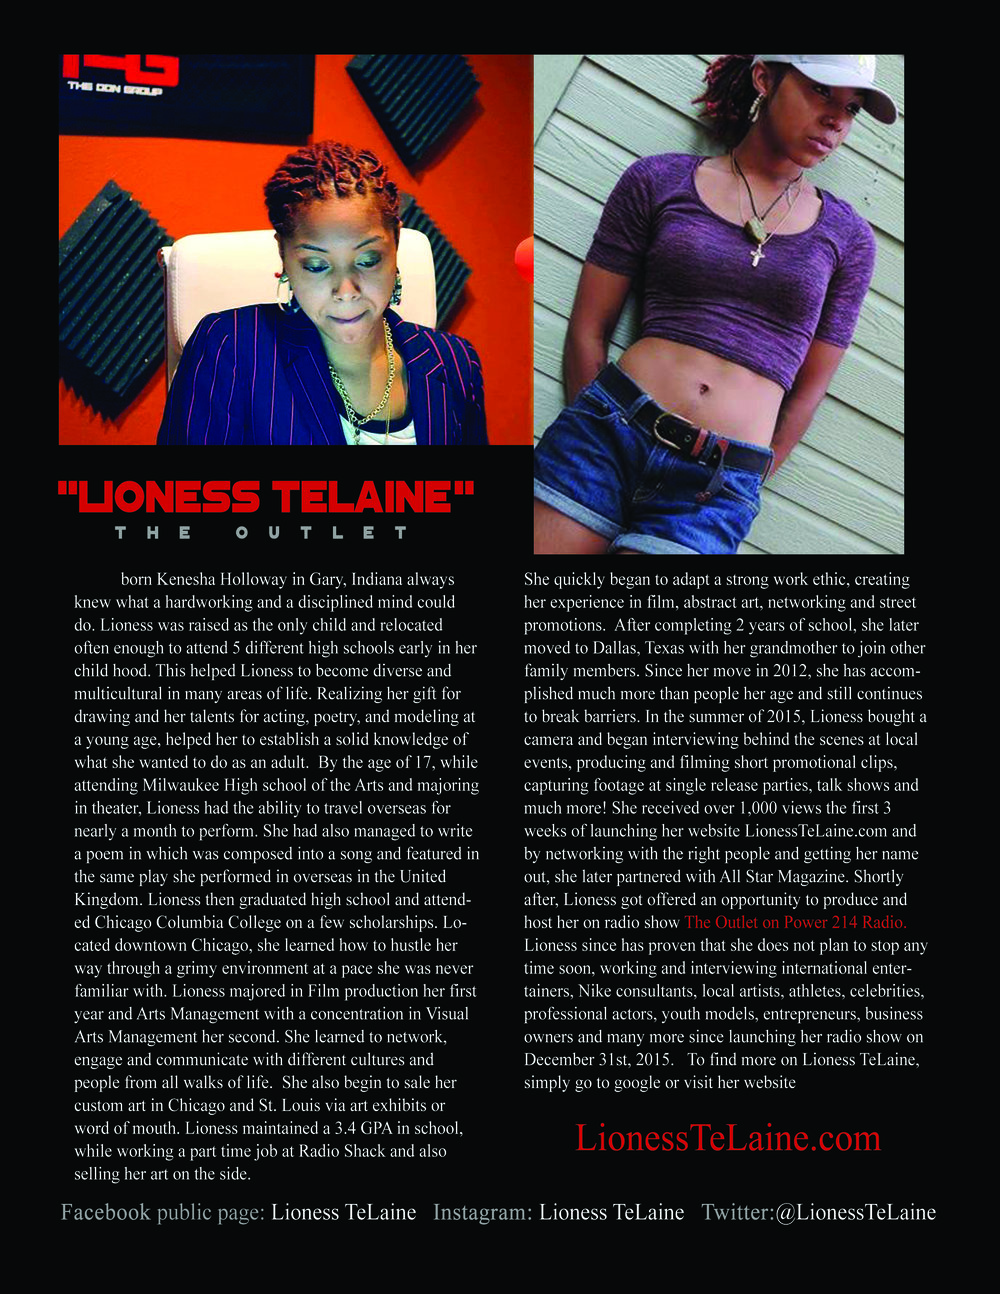 Lioness TeLaine